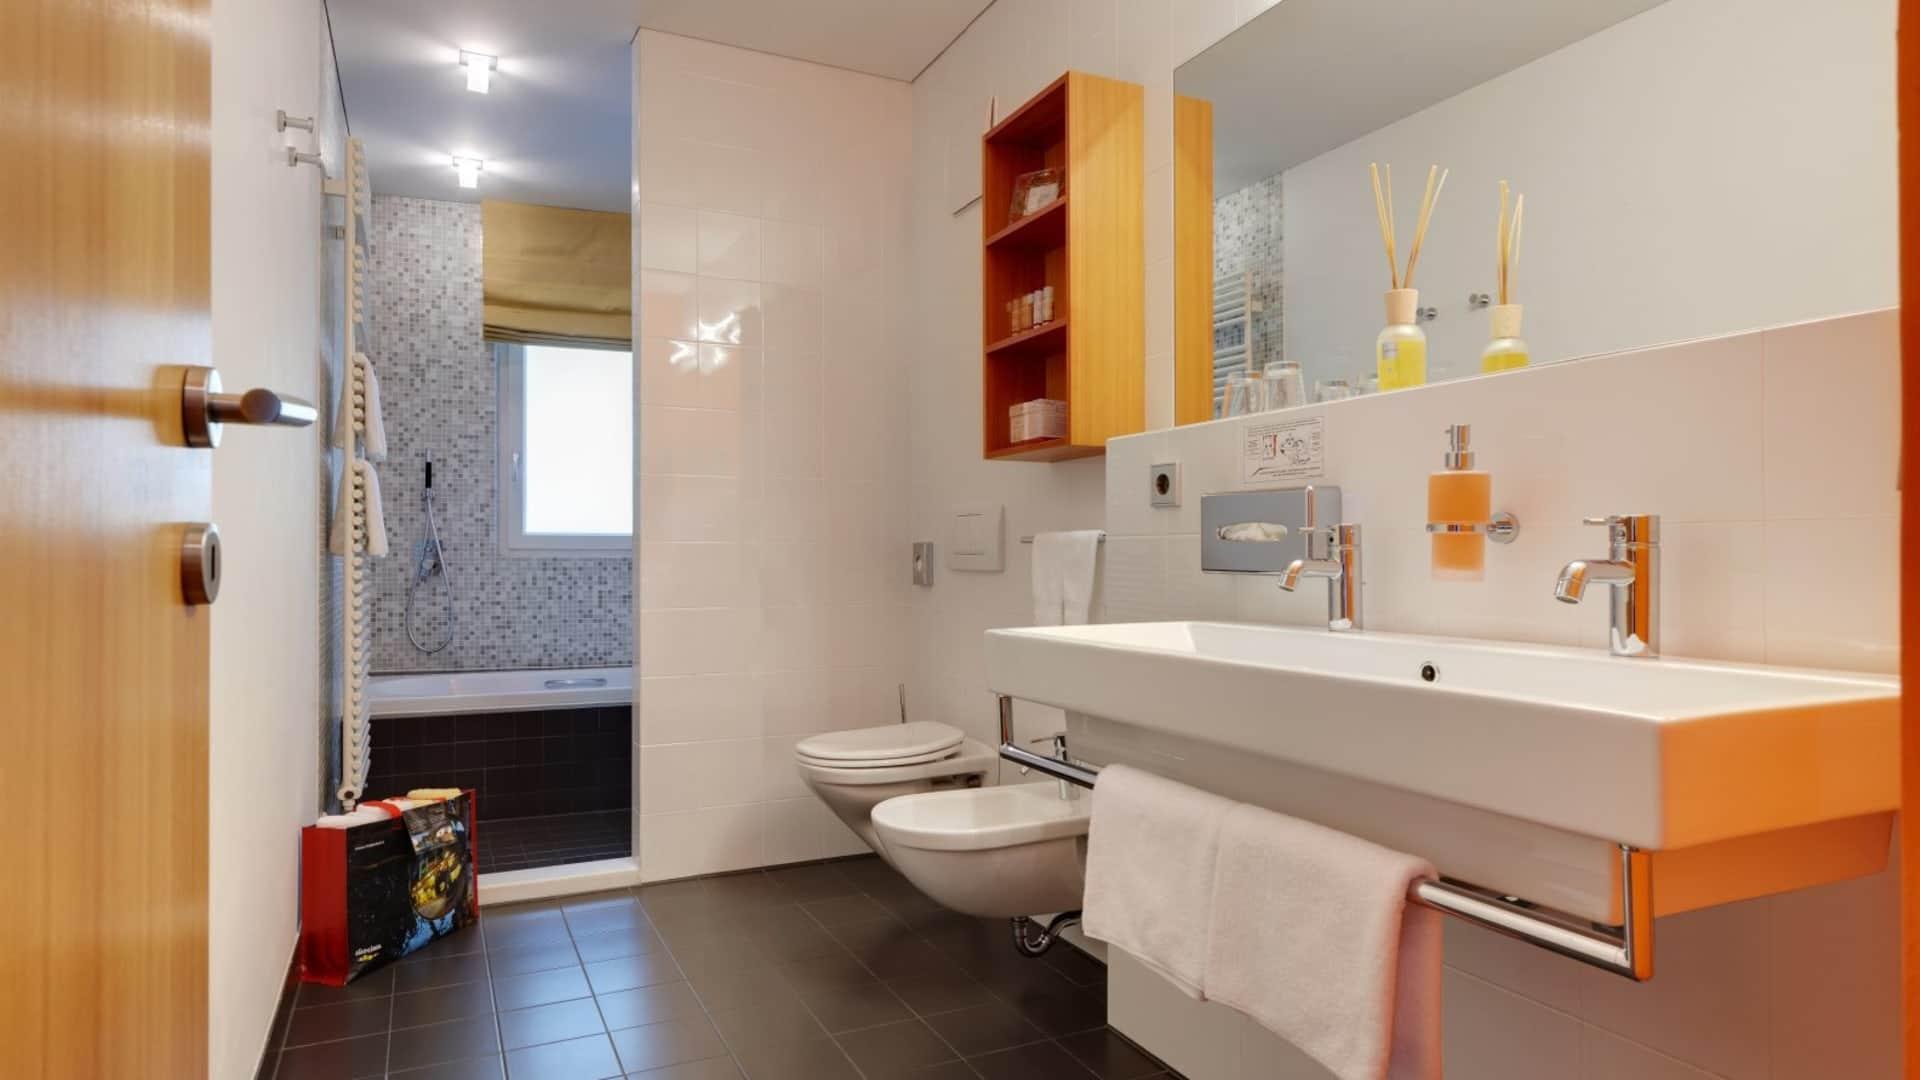 Reschensuite Badezimmer - Lindenhof